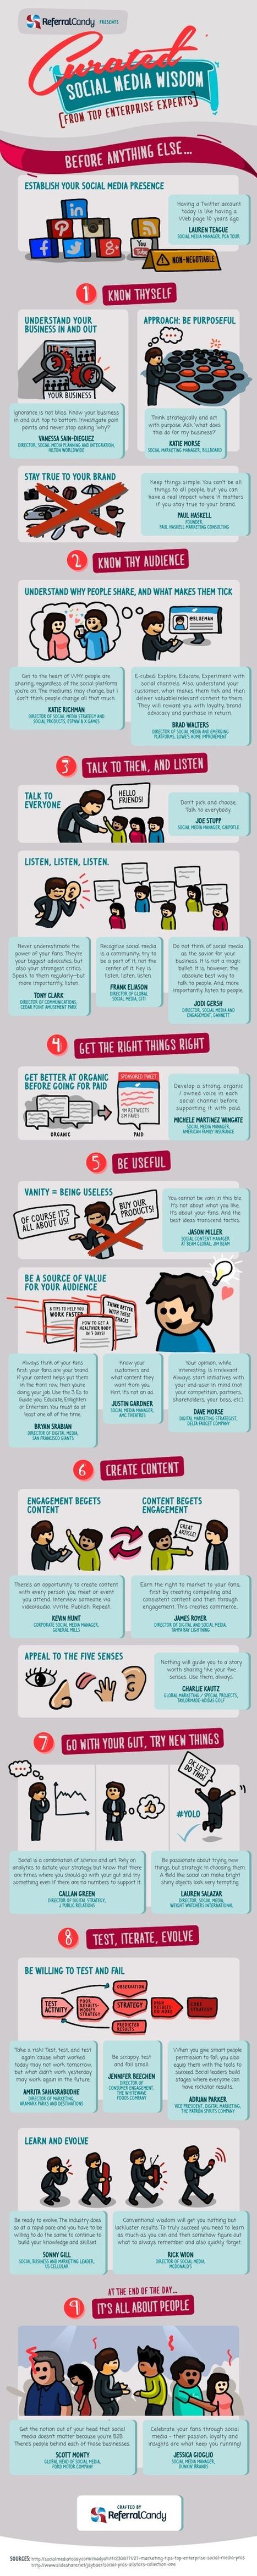 6 conseils de pros pour bien utiliser les réseaux sociaux | Digital News & best practices | Scoop.it